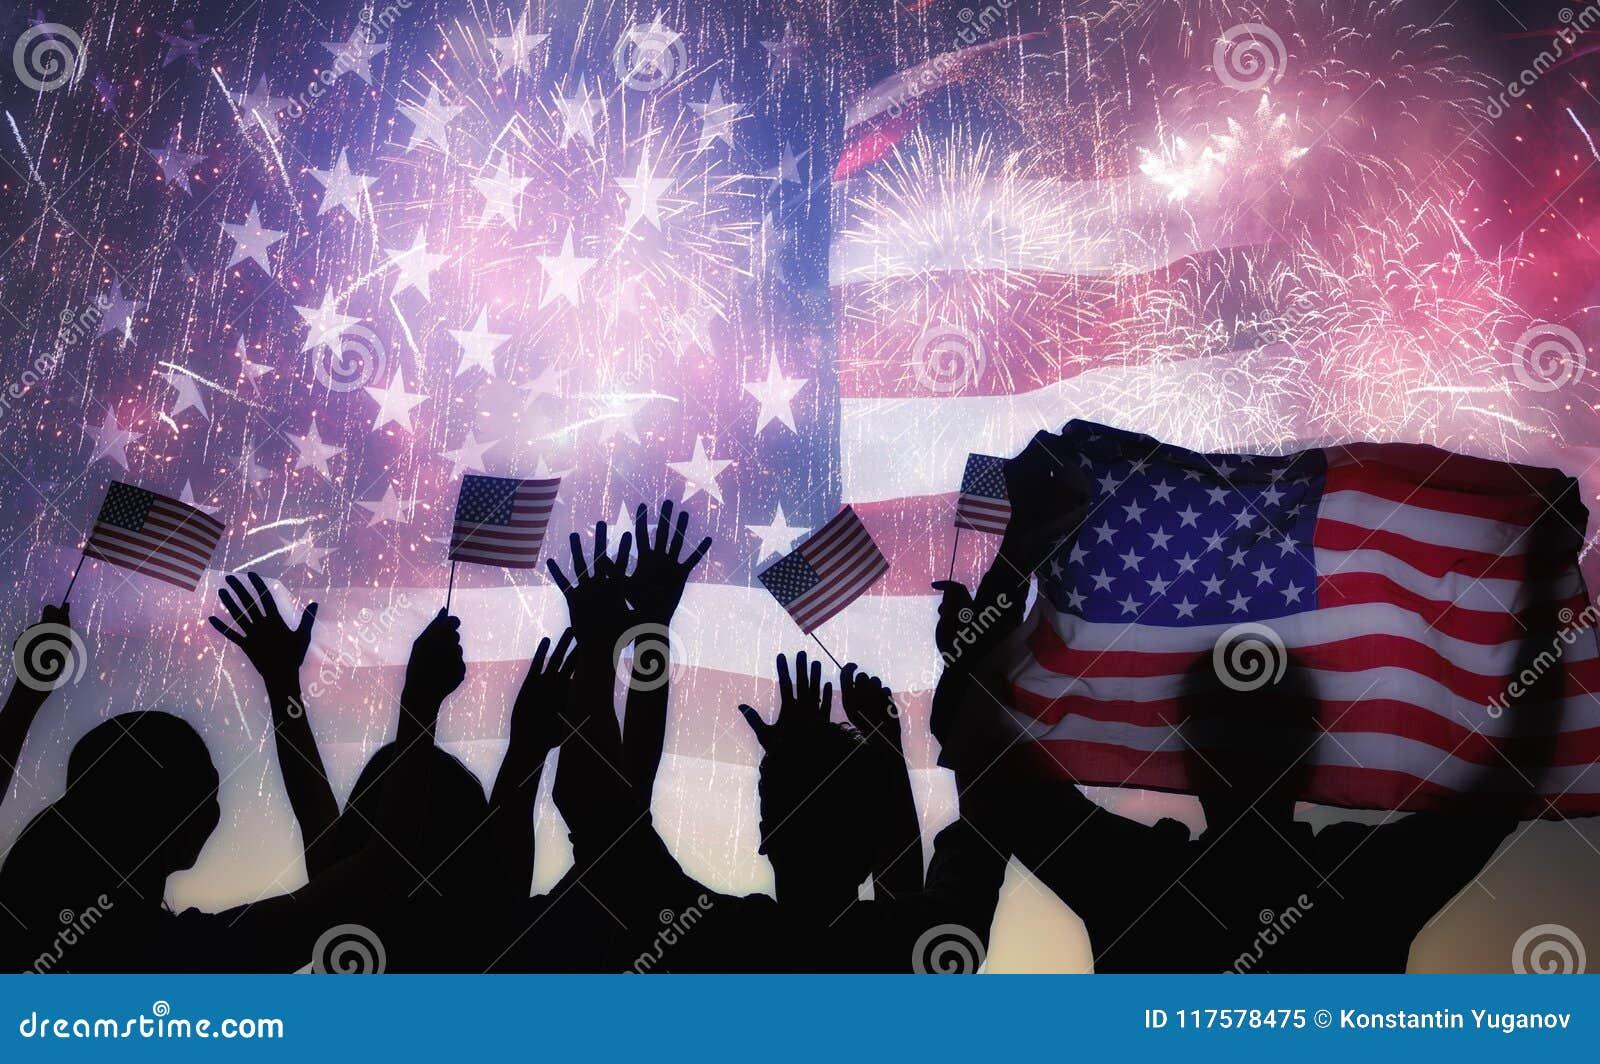 Schattenbilder von den Leuten, welche die Flagge der USA halten